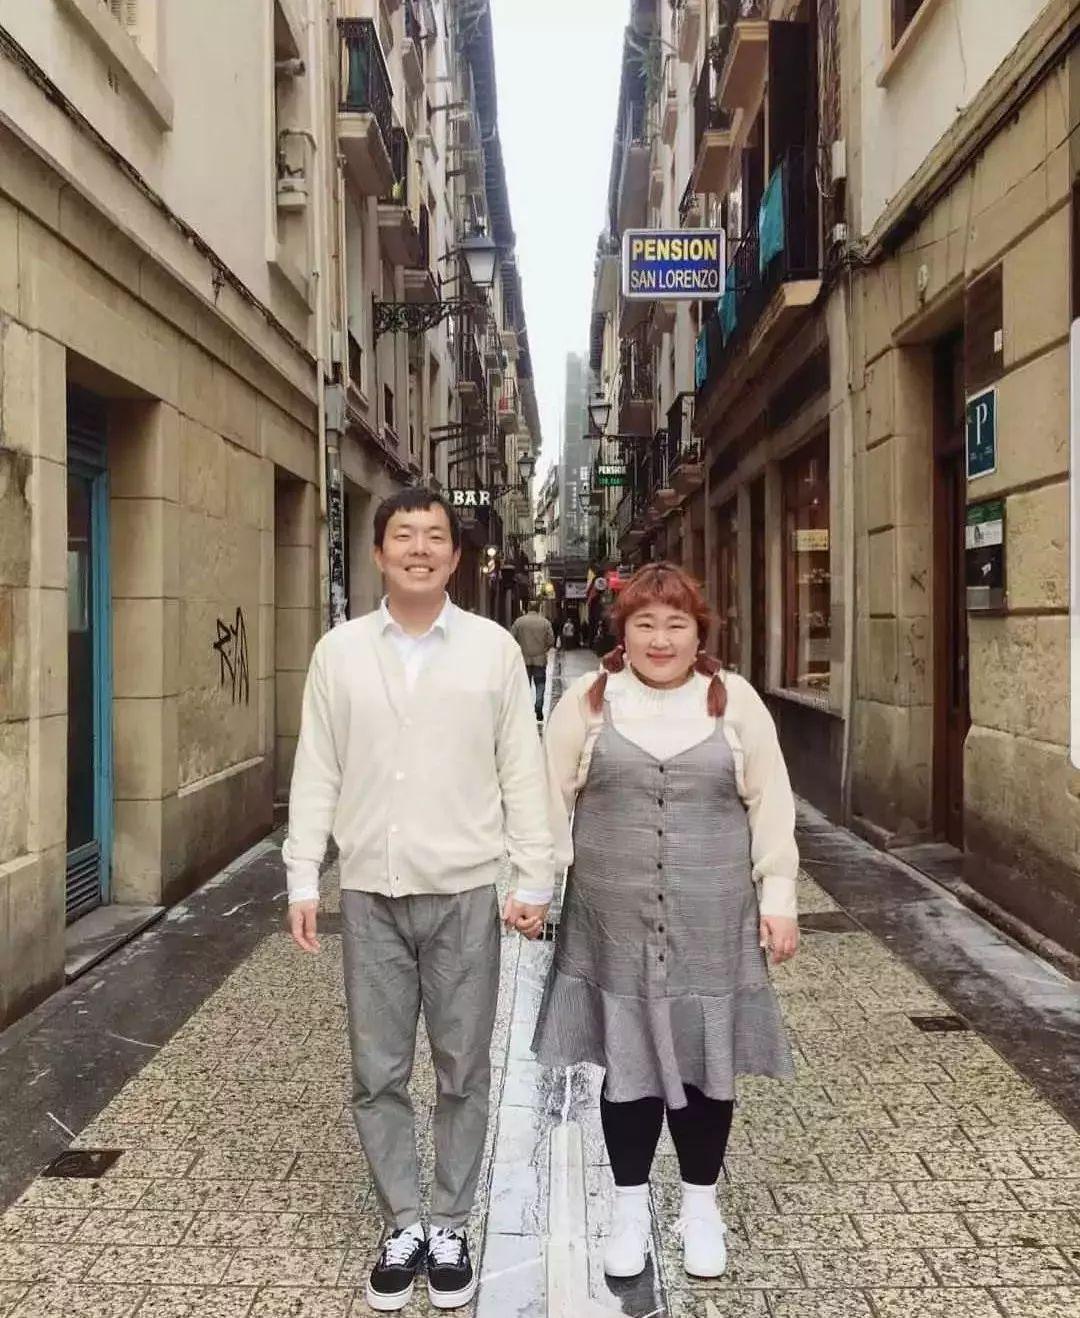 这个200斤姑娘嫁给8年初恋:婚姻幸不幸福,笑起来就知道了,甜妞追逃夫